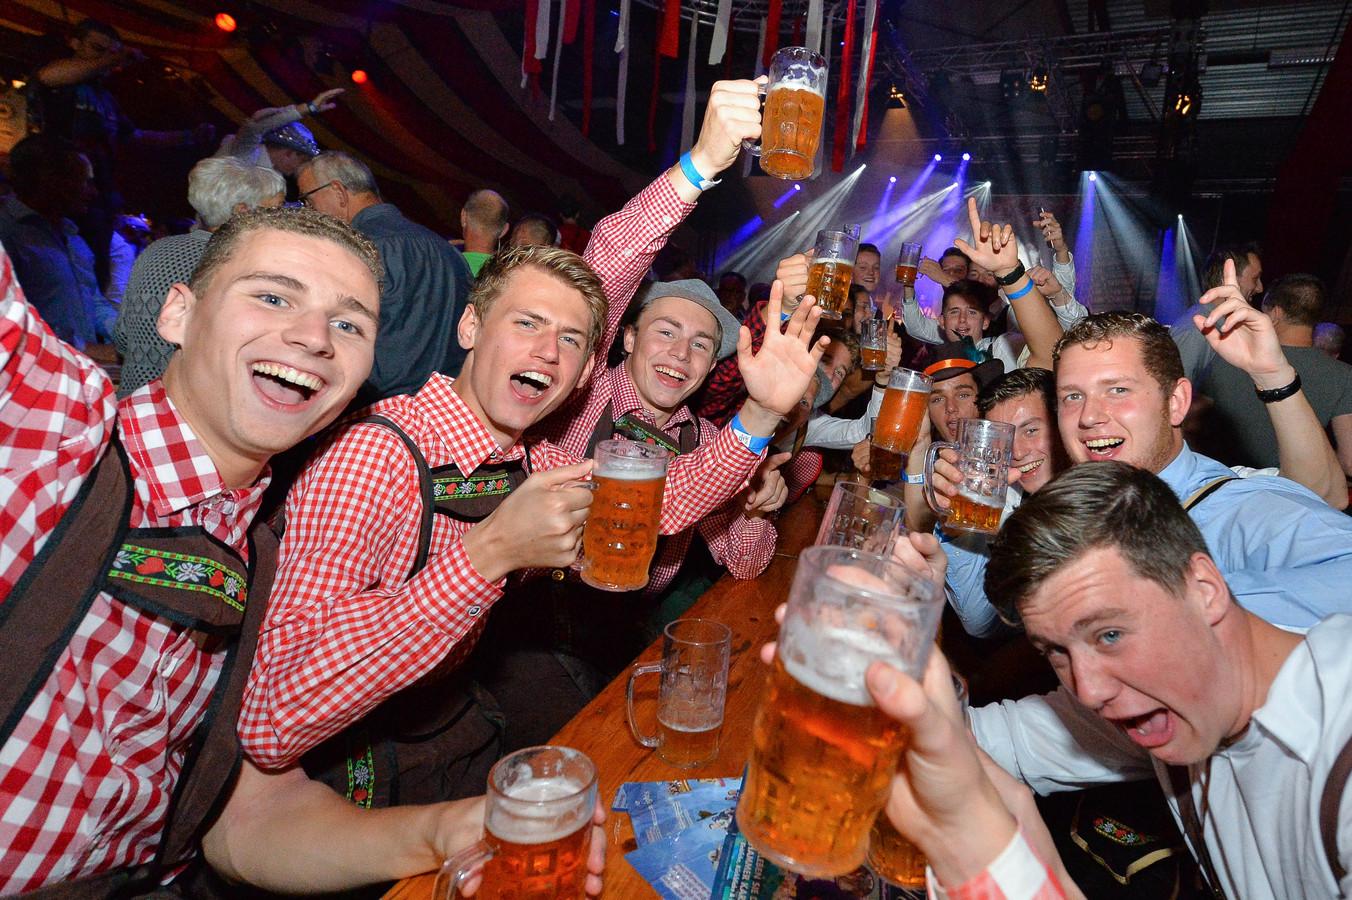 Een vriendengroep gaat los op het Bier und Weinfest in 2017 in de Wieken in Vaassen.